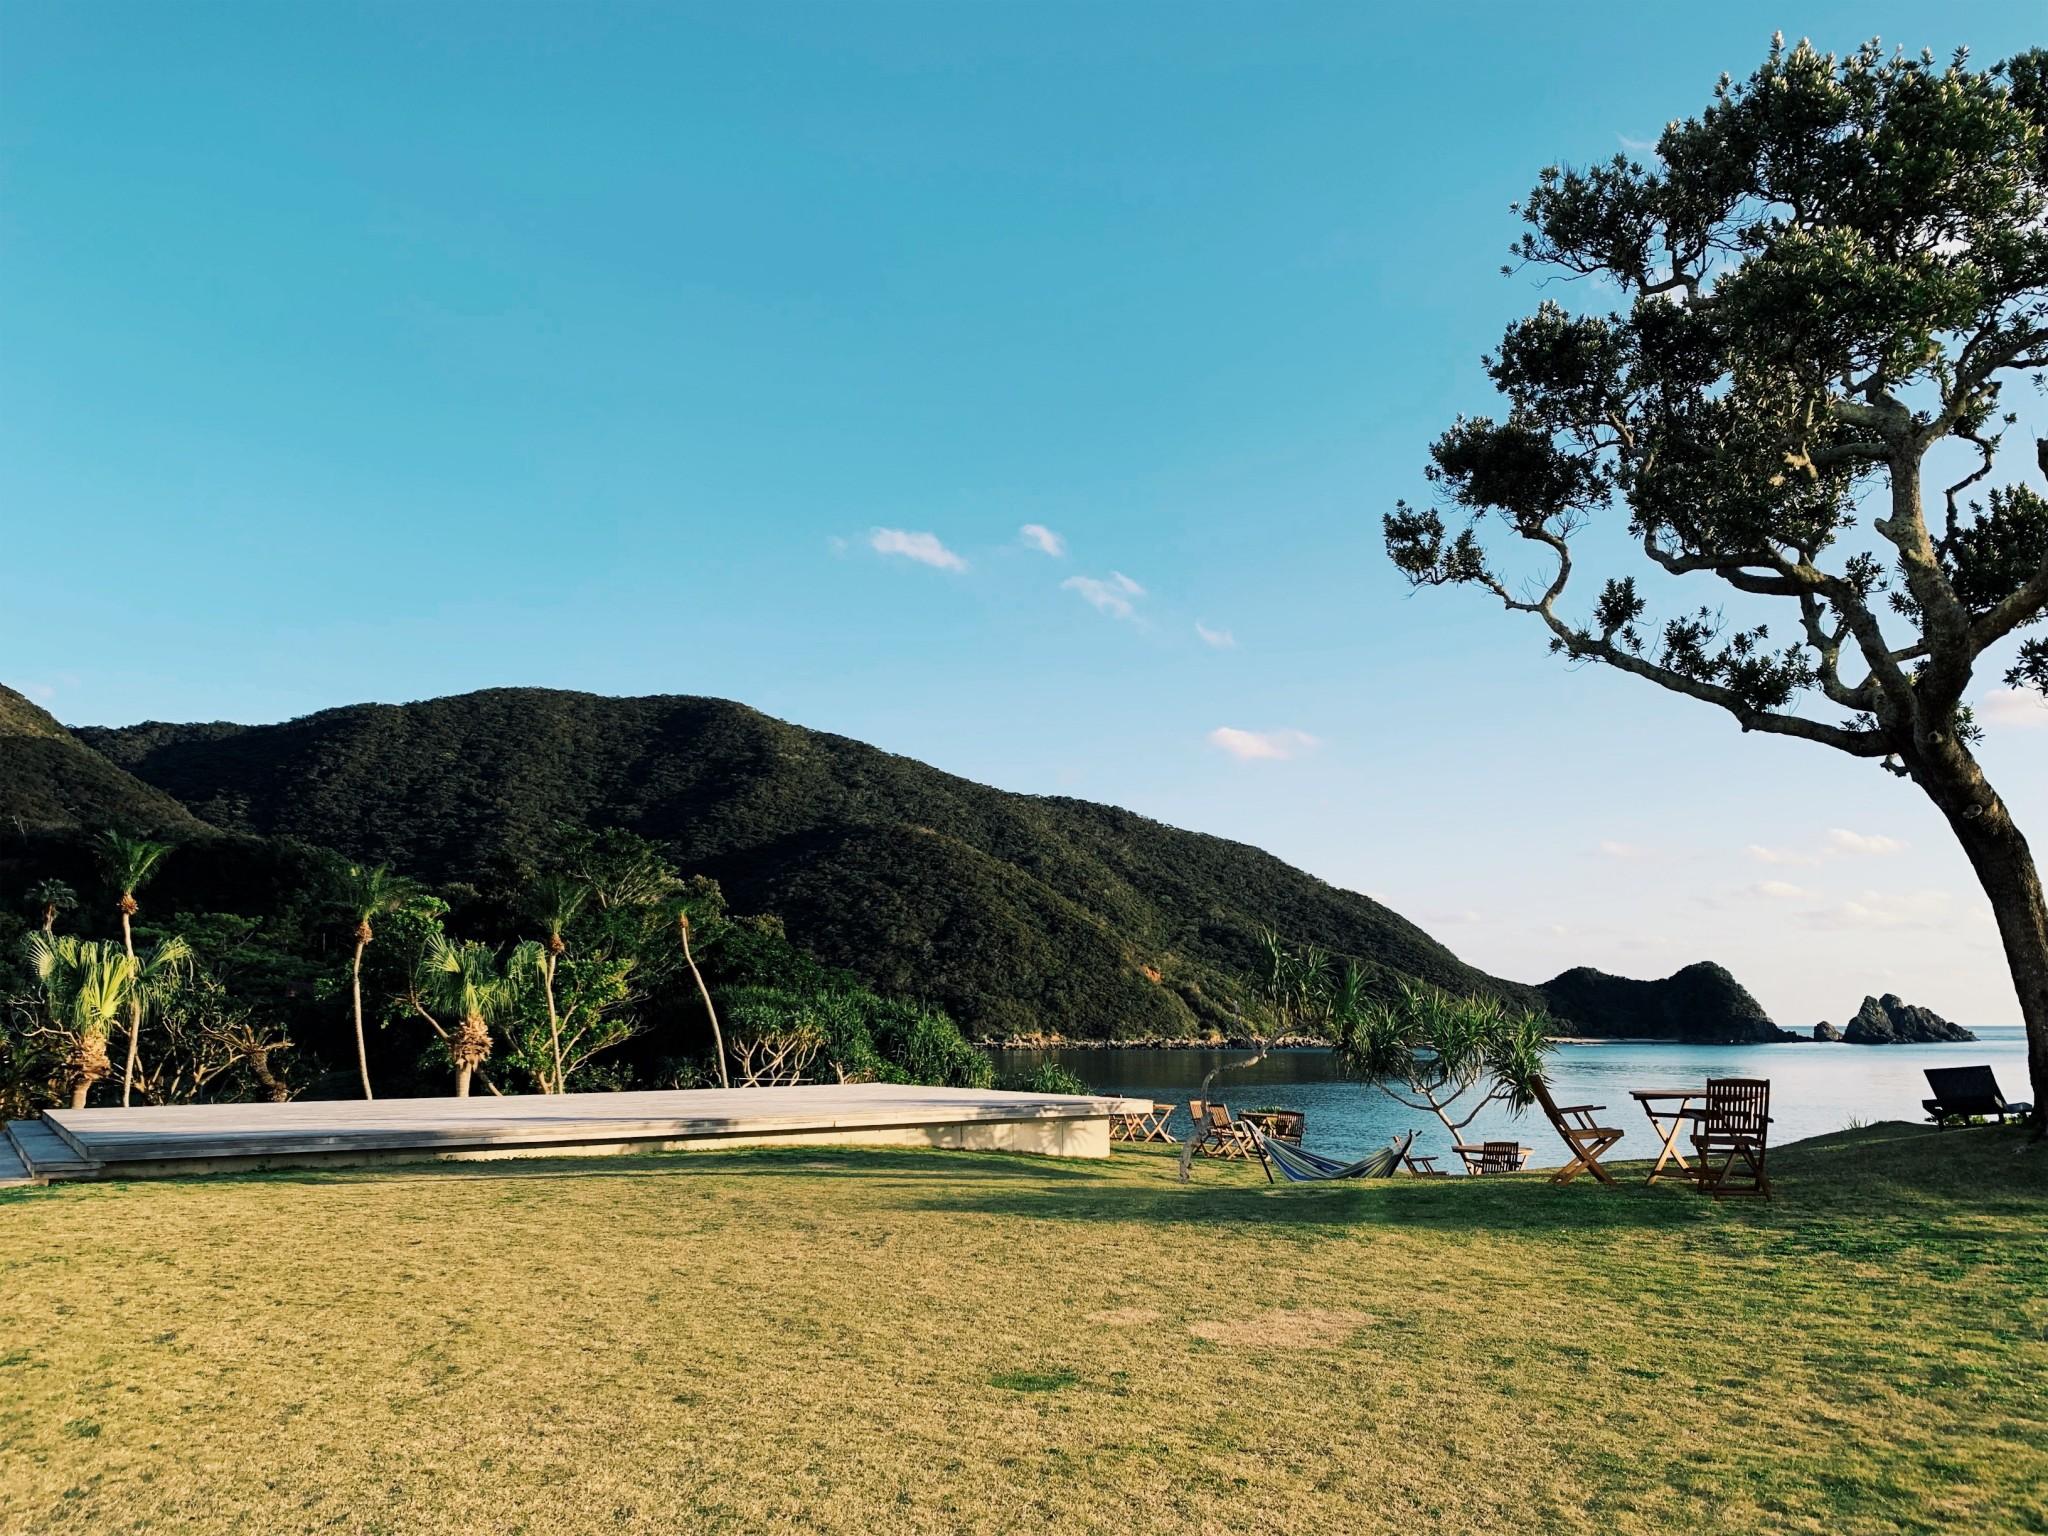 シーズン前に先乗り!奄美大島トリップ 【前編】絶景&体験、素敵ホテルに癒される旅へ。